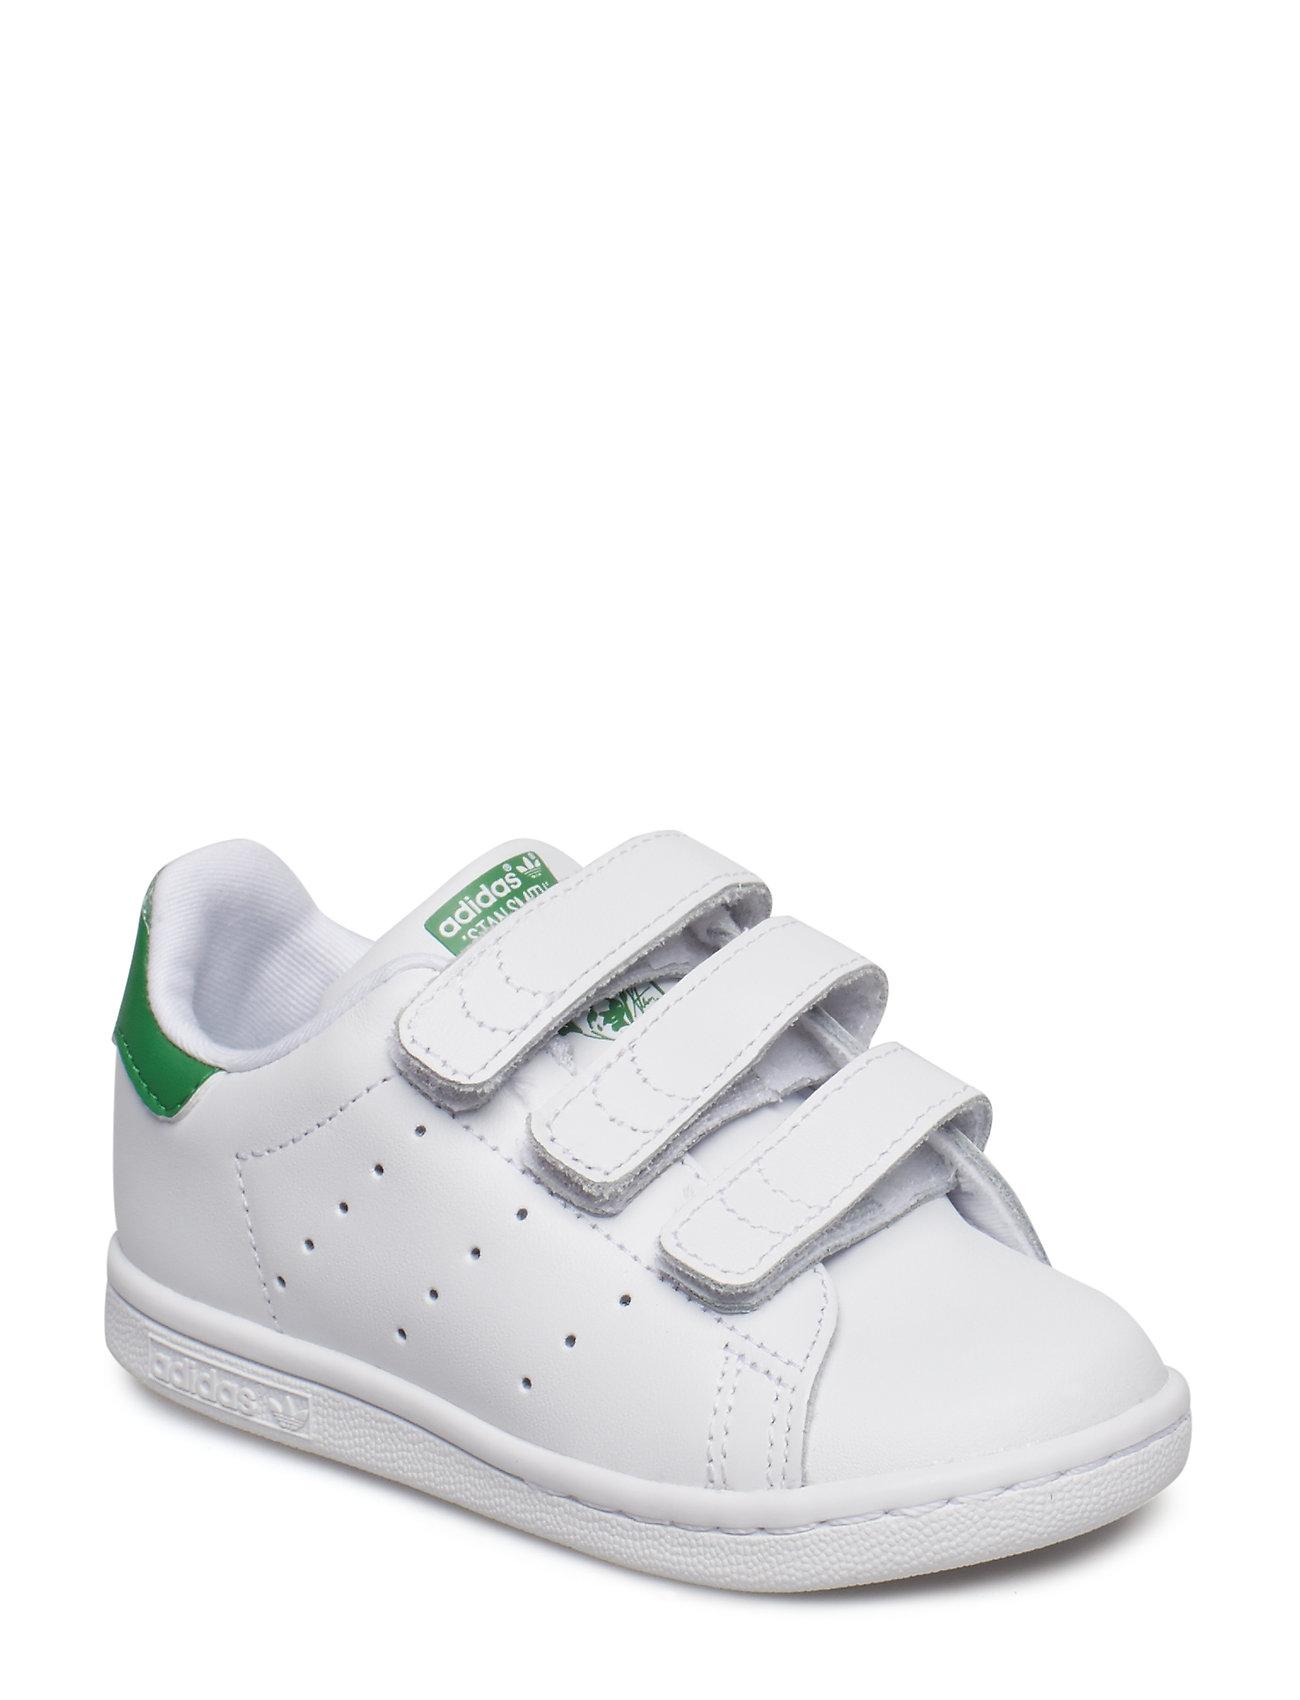 adidas Originals STAN SMITH CF I - FTWWHT/FTWWHT/GREEN